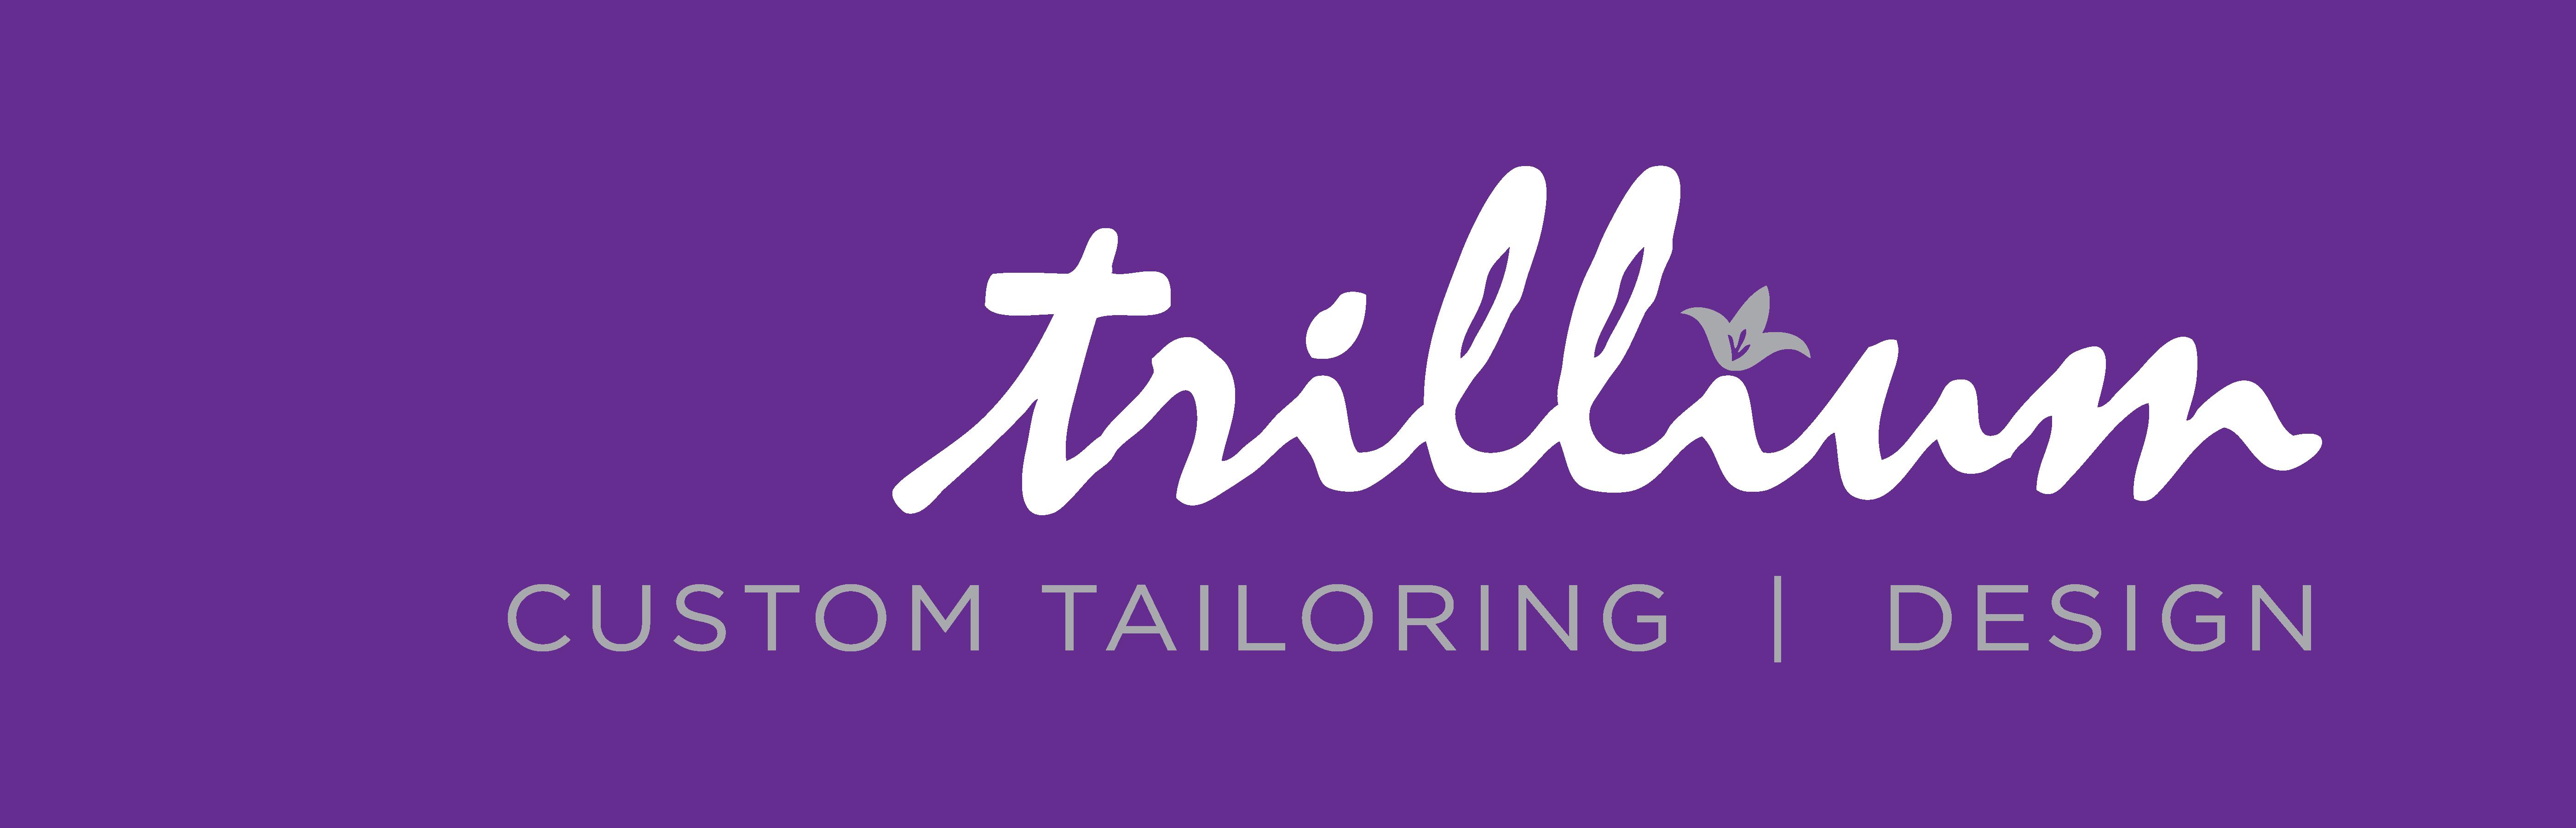 Trillium Tailor